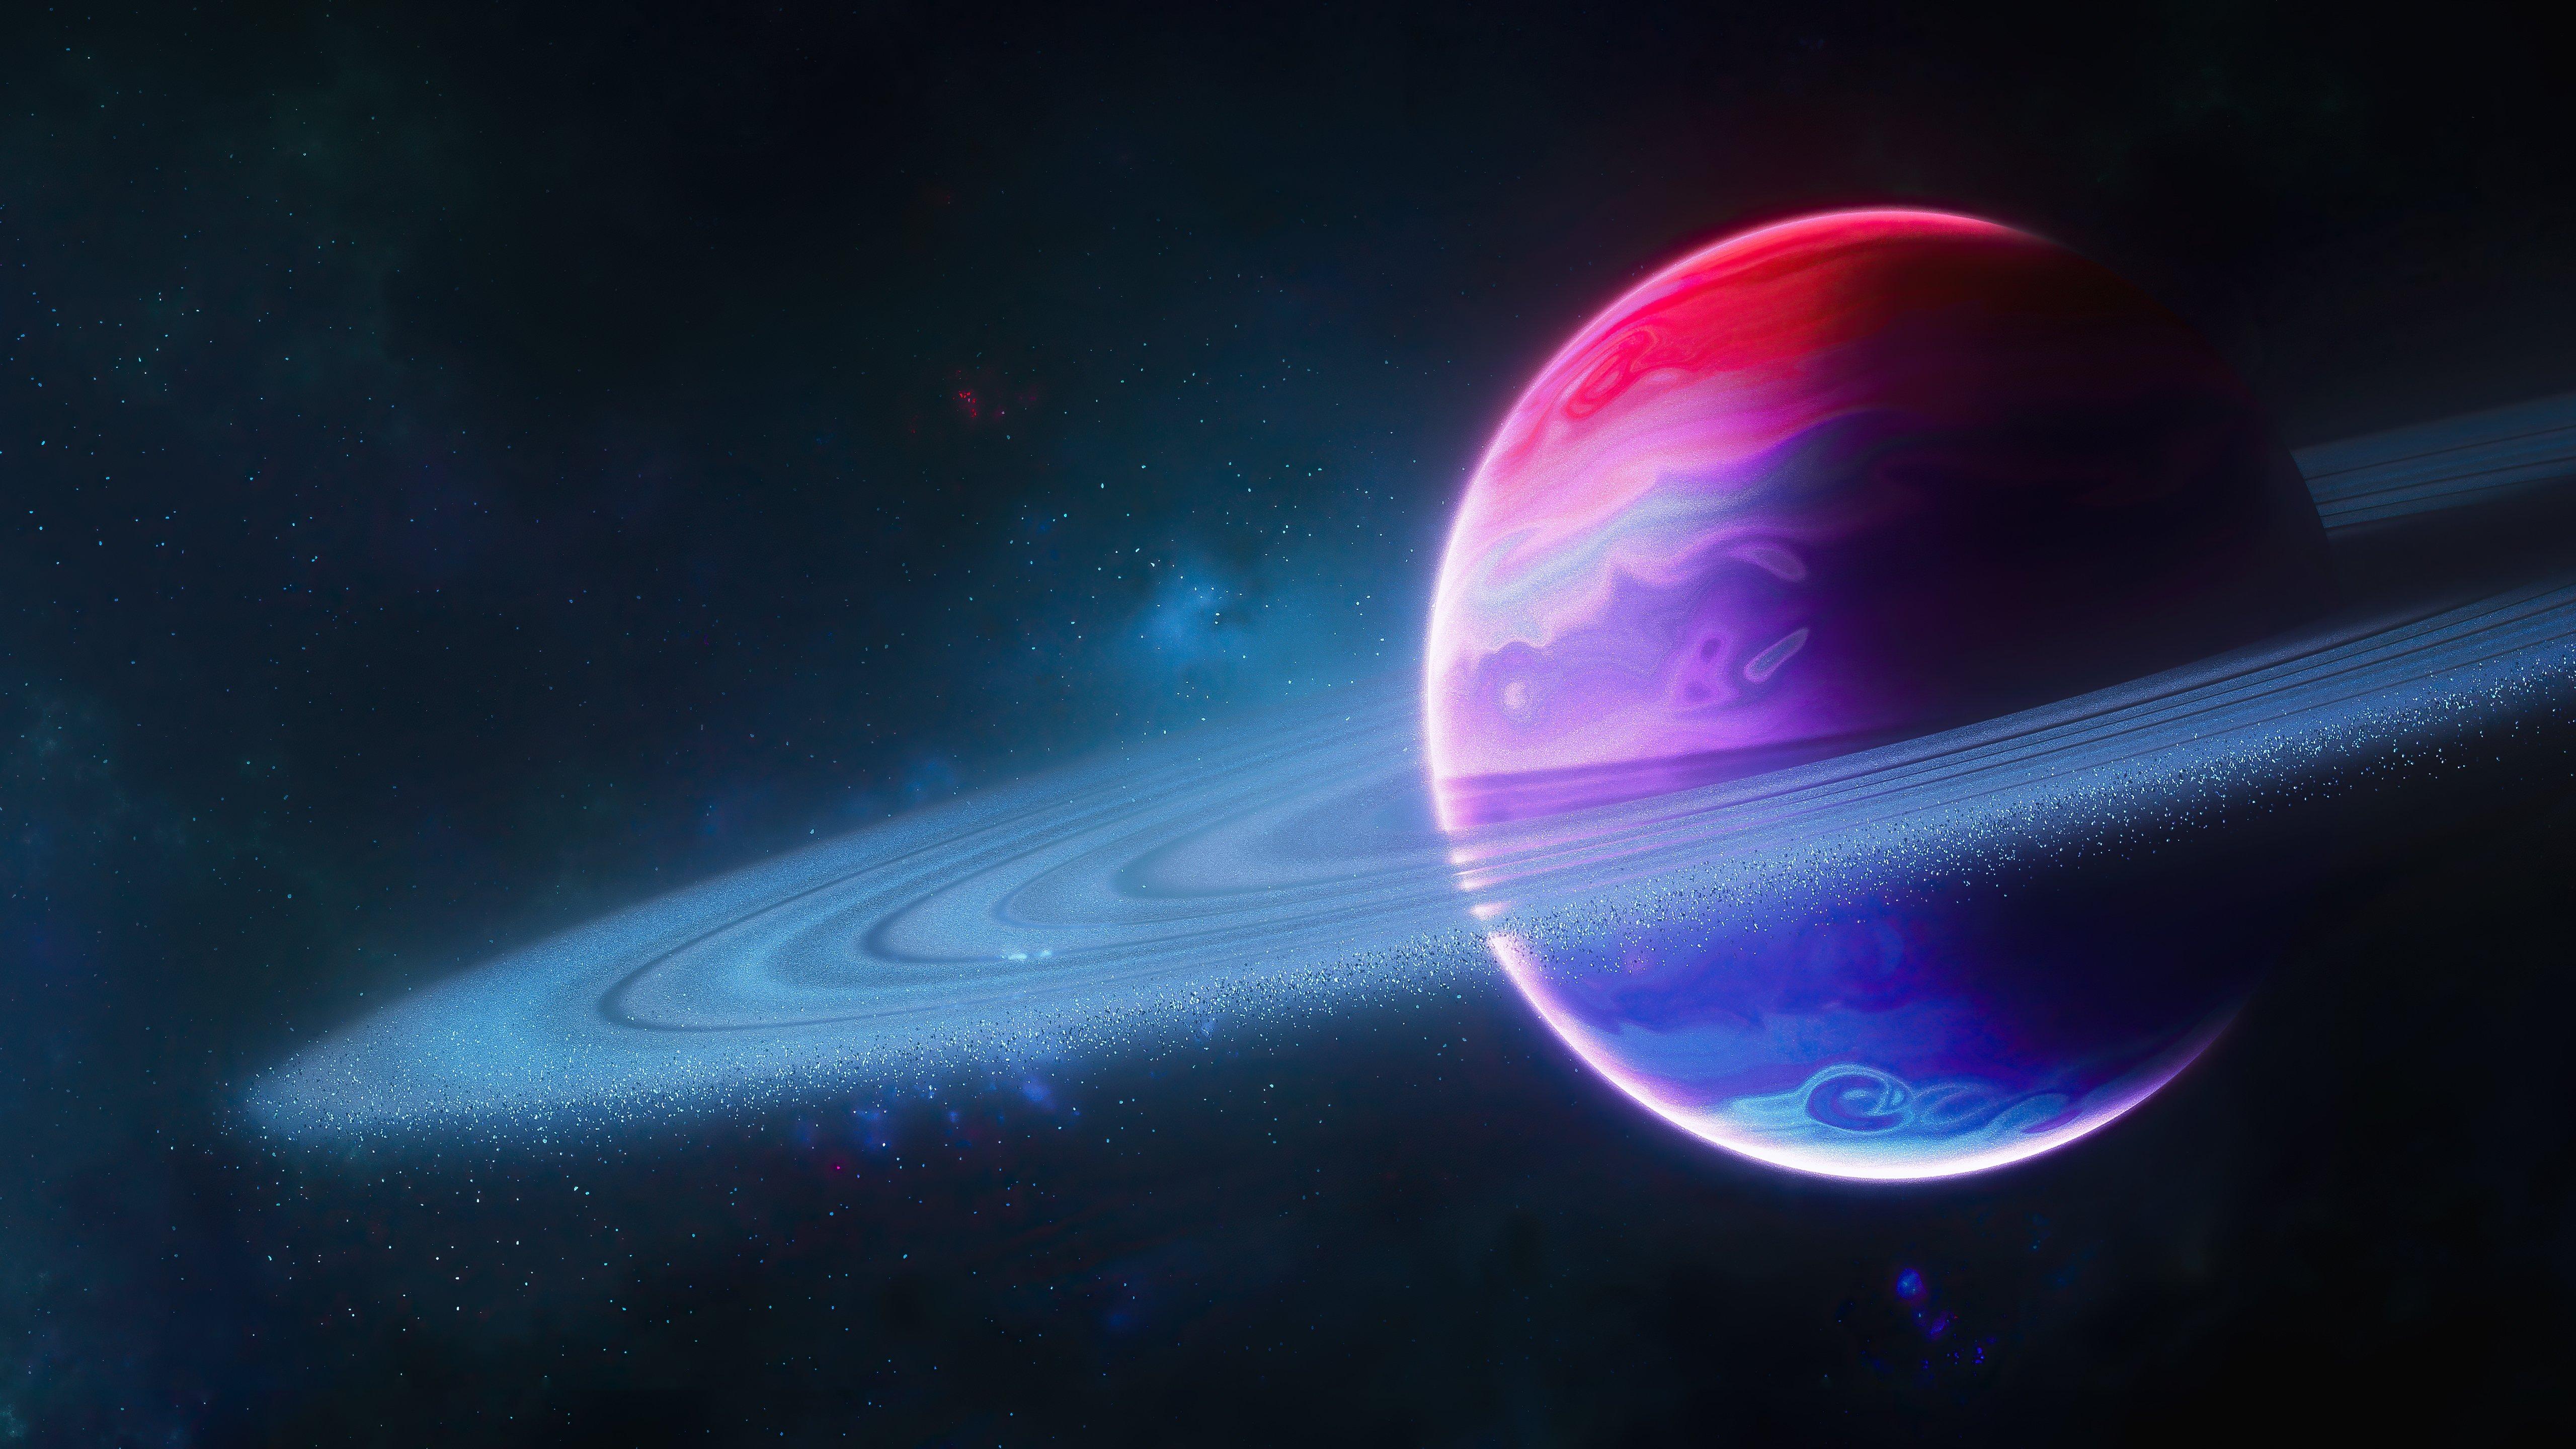 Fondos de pantalla Planeta con aro